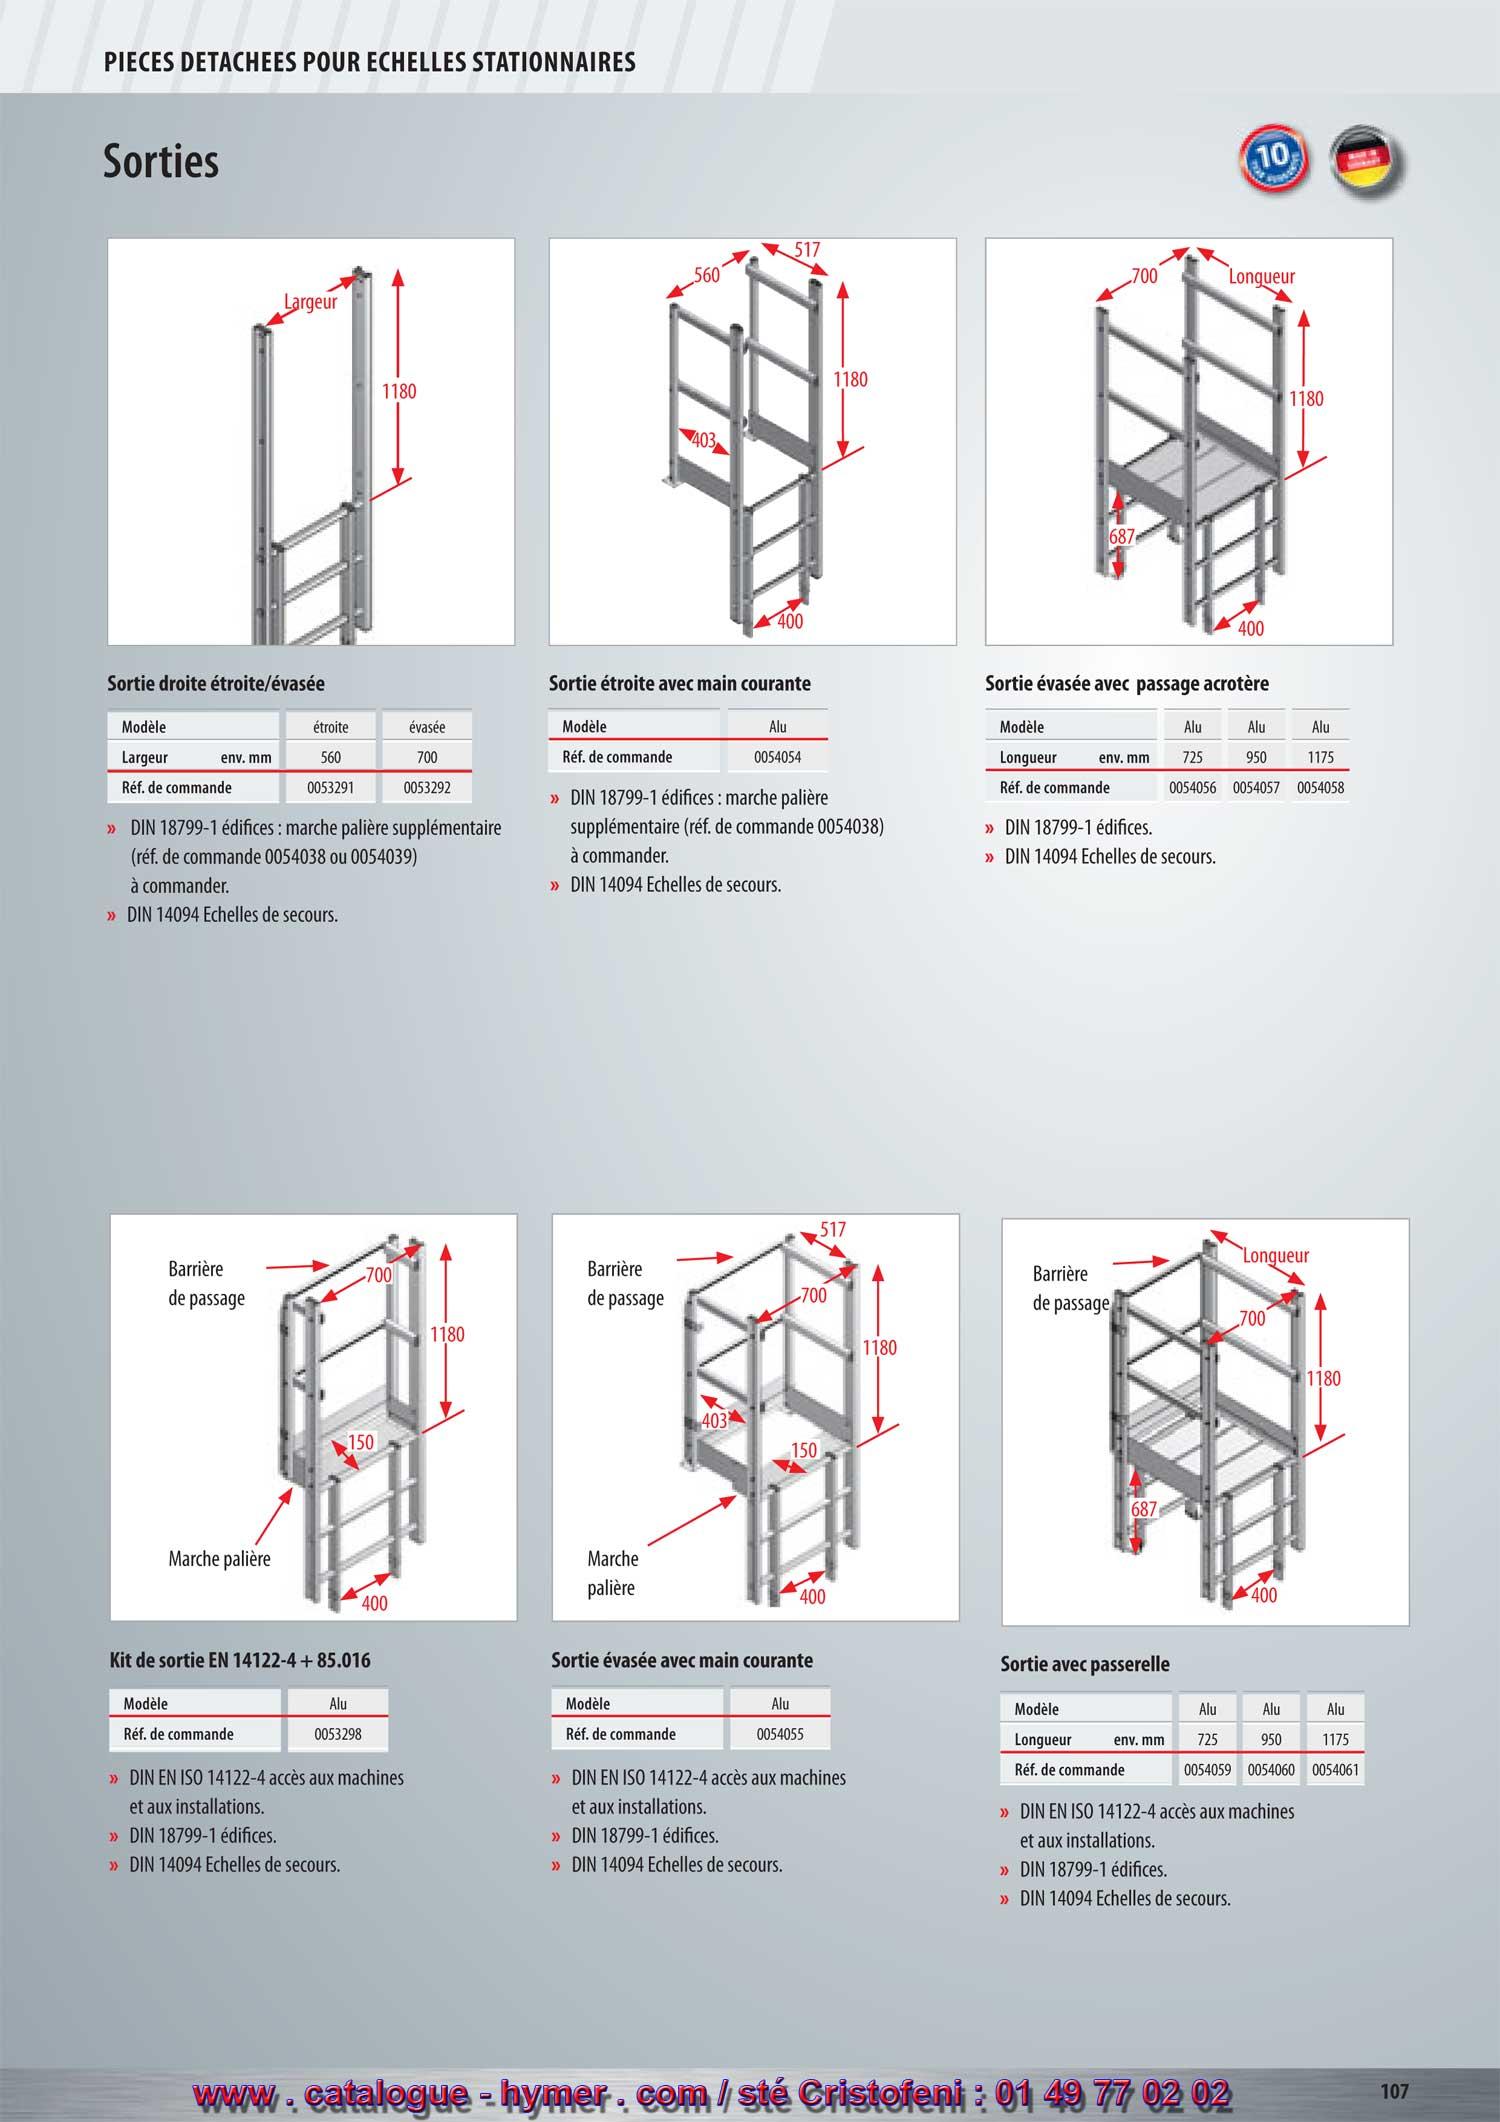 e292a0e1c119 p106 p 107 p 108 entrée sortie acces échelle crinoline accessoires  condamnation, catalogue-hymer tableau PRIX pour tous échafaudages aluminium  HYMER, ...